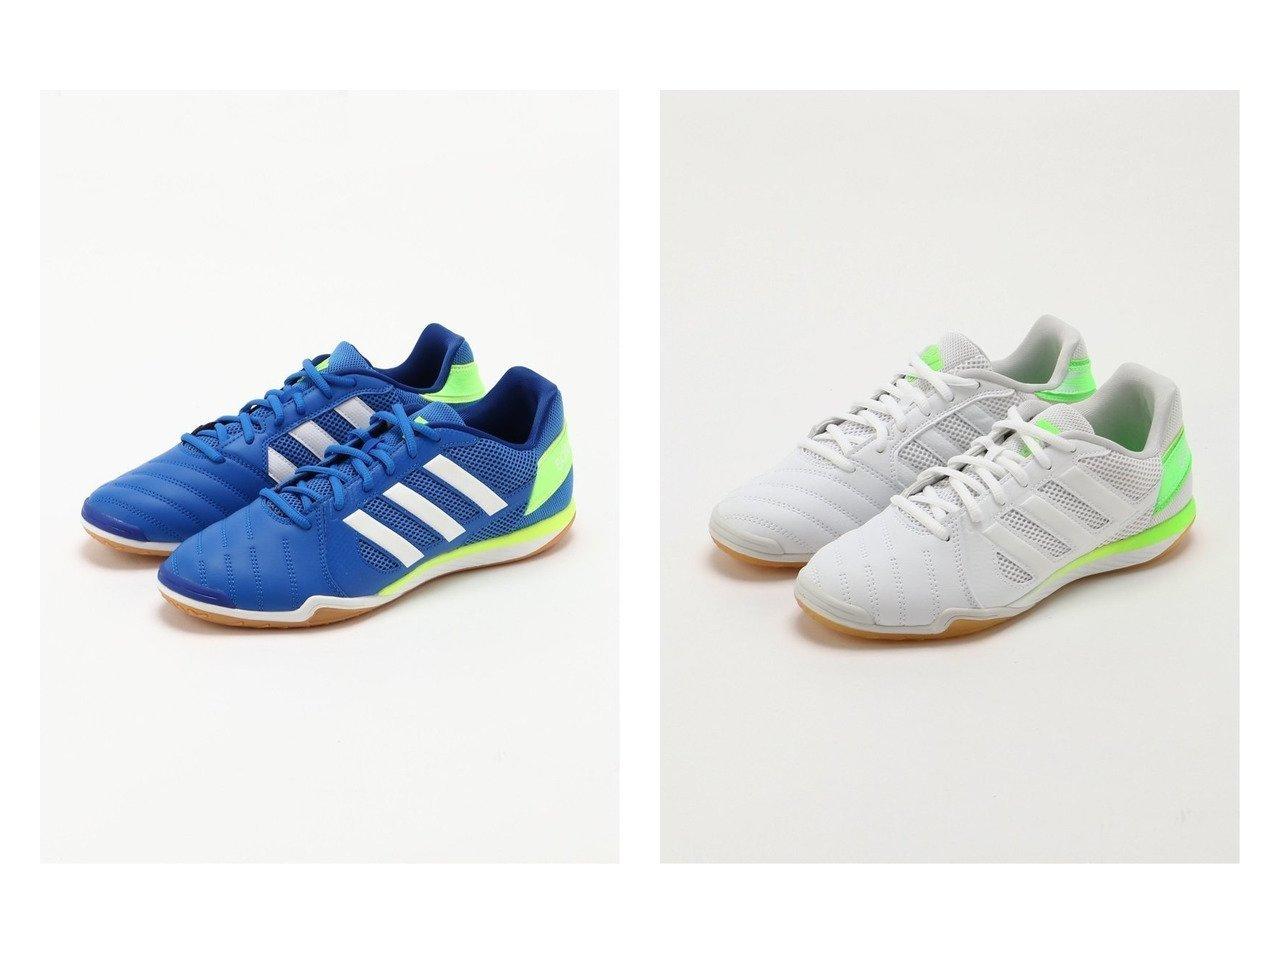 【adidas Sports Performance / MEN/アディダス スポーツ パフォーマンス】のトップサラ 【MEN】おすすめ!人気トレンド・男性、メンズファッションの通販 おすすめで人気の流行・トレンド、ファッションの通販商品 メンズファッション・キッズファッション・インテリア・家具・レディースファッション・服の通販 founy(ファニー) https://founy.com/ ファッション Fashion メンズファッション MEN シューズ・靴 Shoes Men スニーカー Sneakers クール シューズ スニーカー スリッポン フラット メッシュ |ID:crp329100000019840